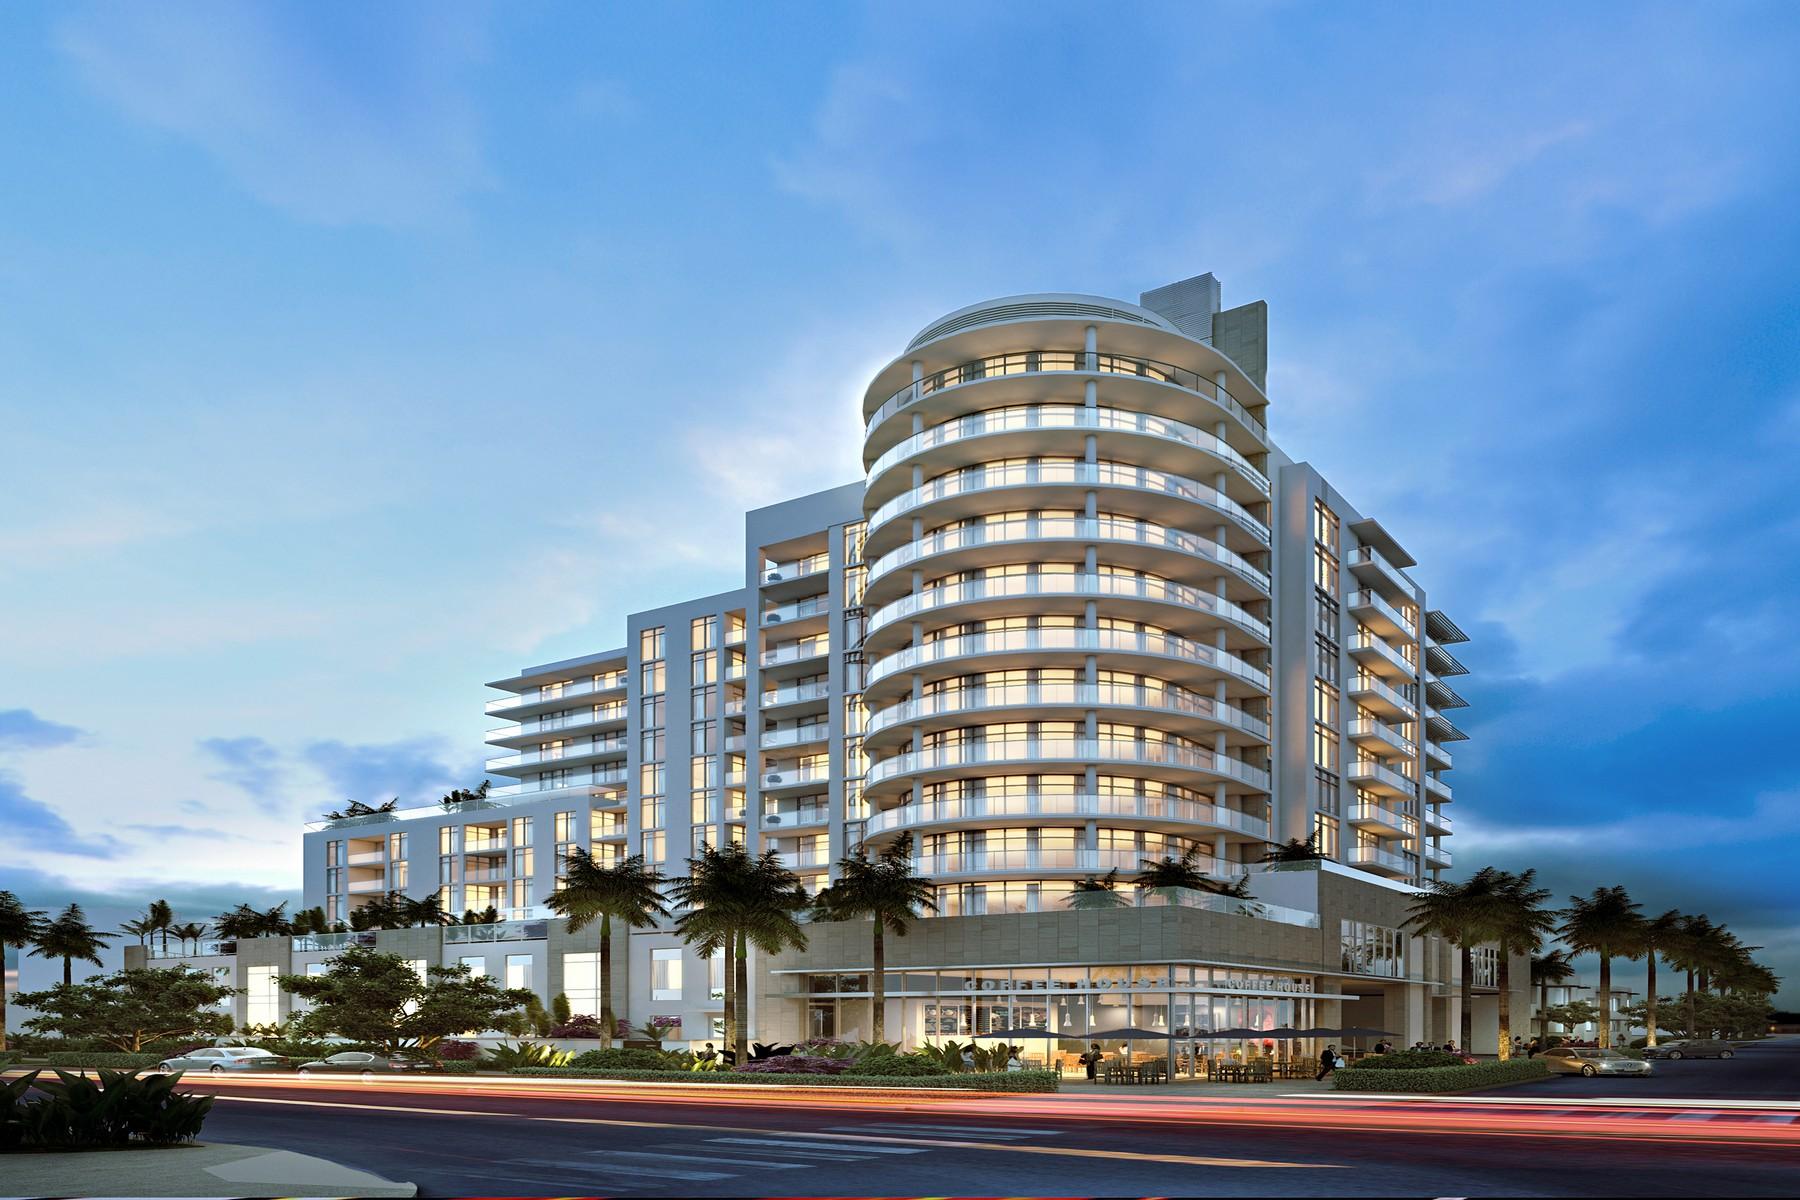 公寓 为 销售 在 Gale Residences 2434 E Las Olas Blvd #711 劳德代尔堡, 佛罗里达州 33304 美国